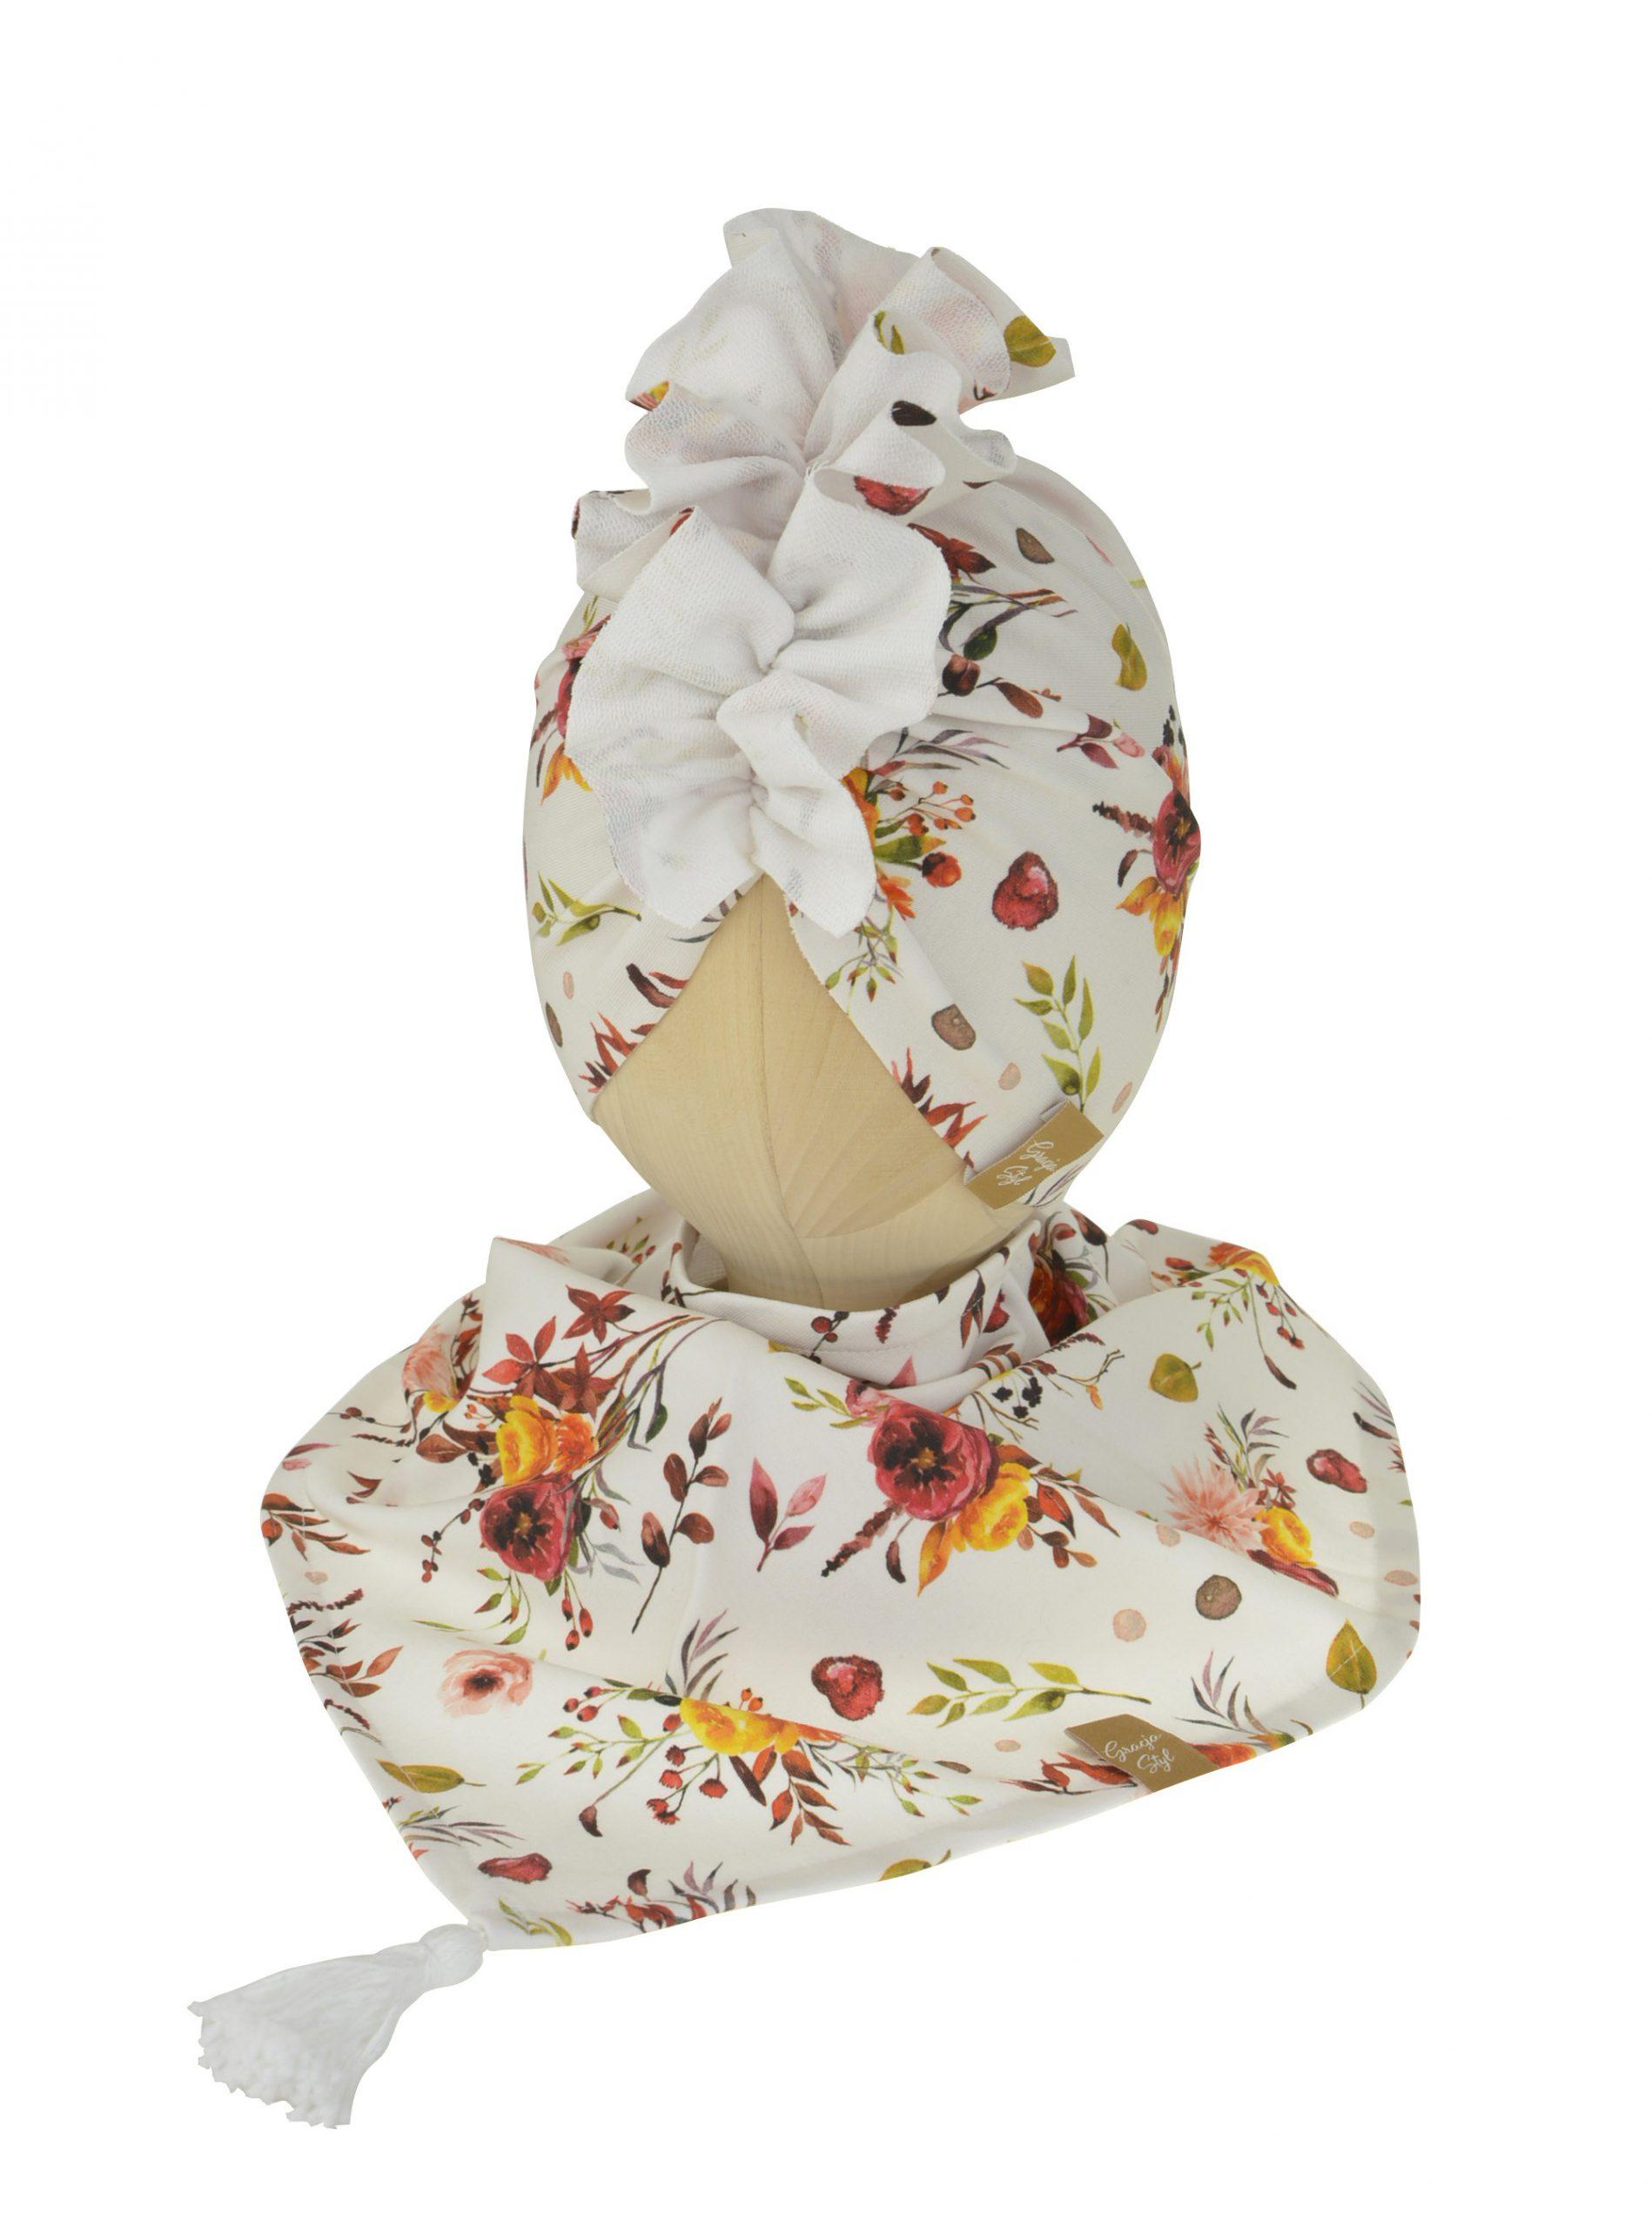 Zestaw czapka turban z chustą. Uszyty z pojedynczej miłej w dotyku dresówki. Marka Gracja Styl. Wzór Pani Jesień w kwiaty